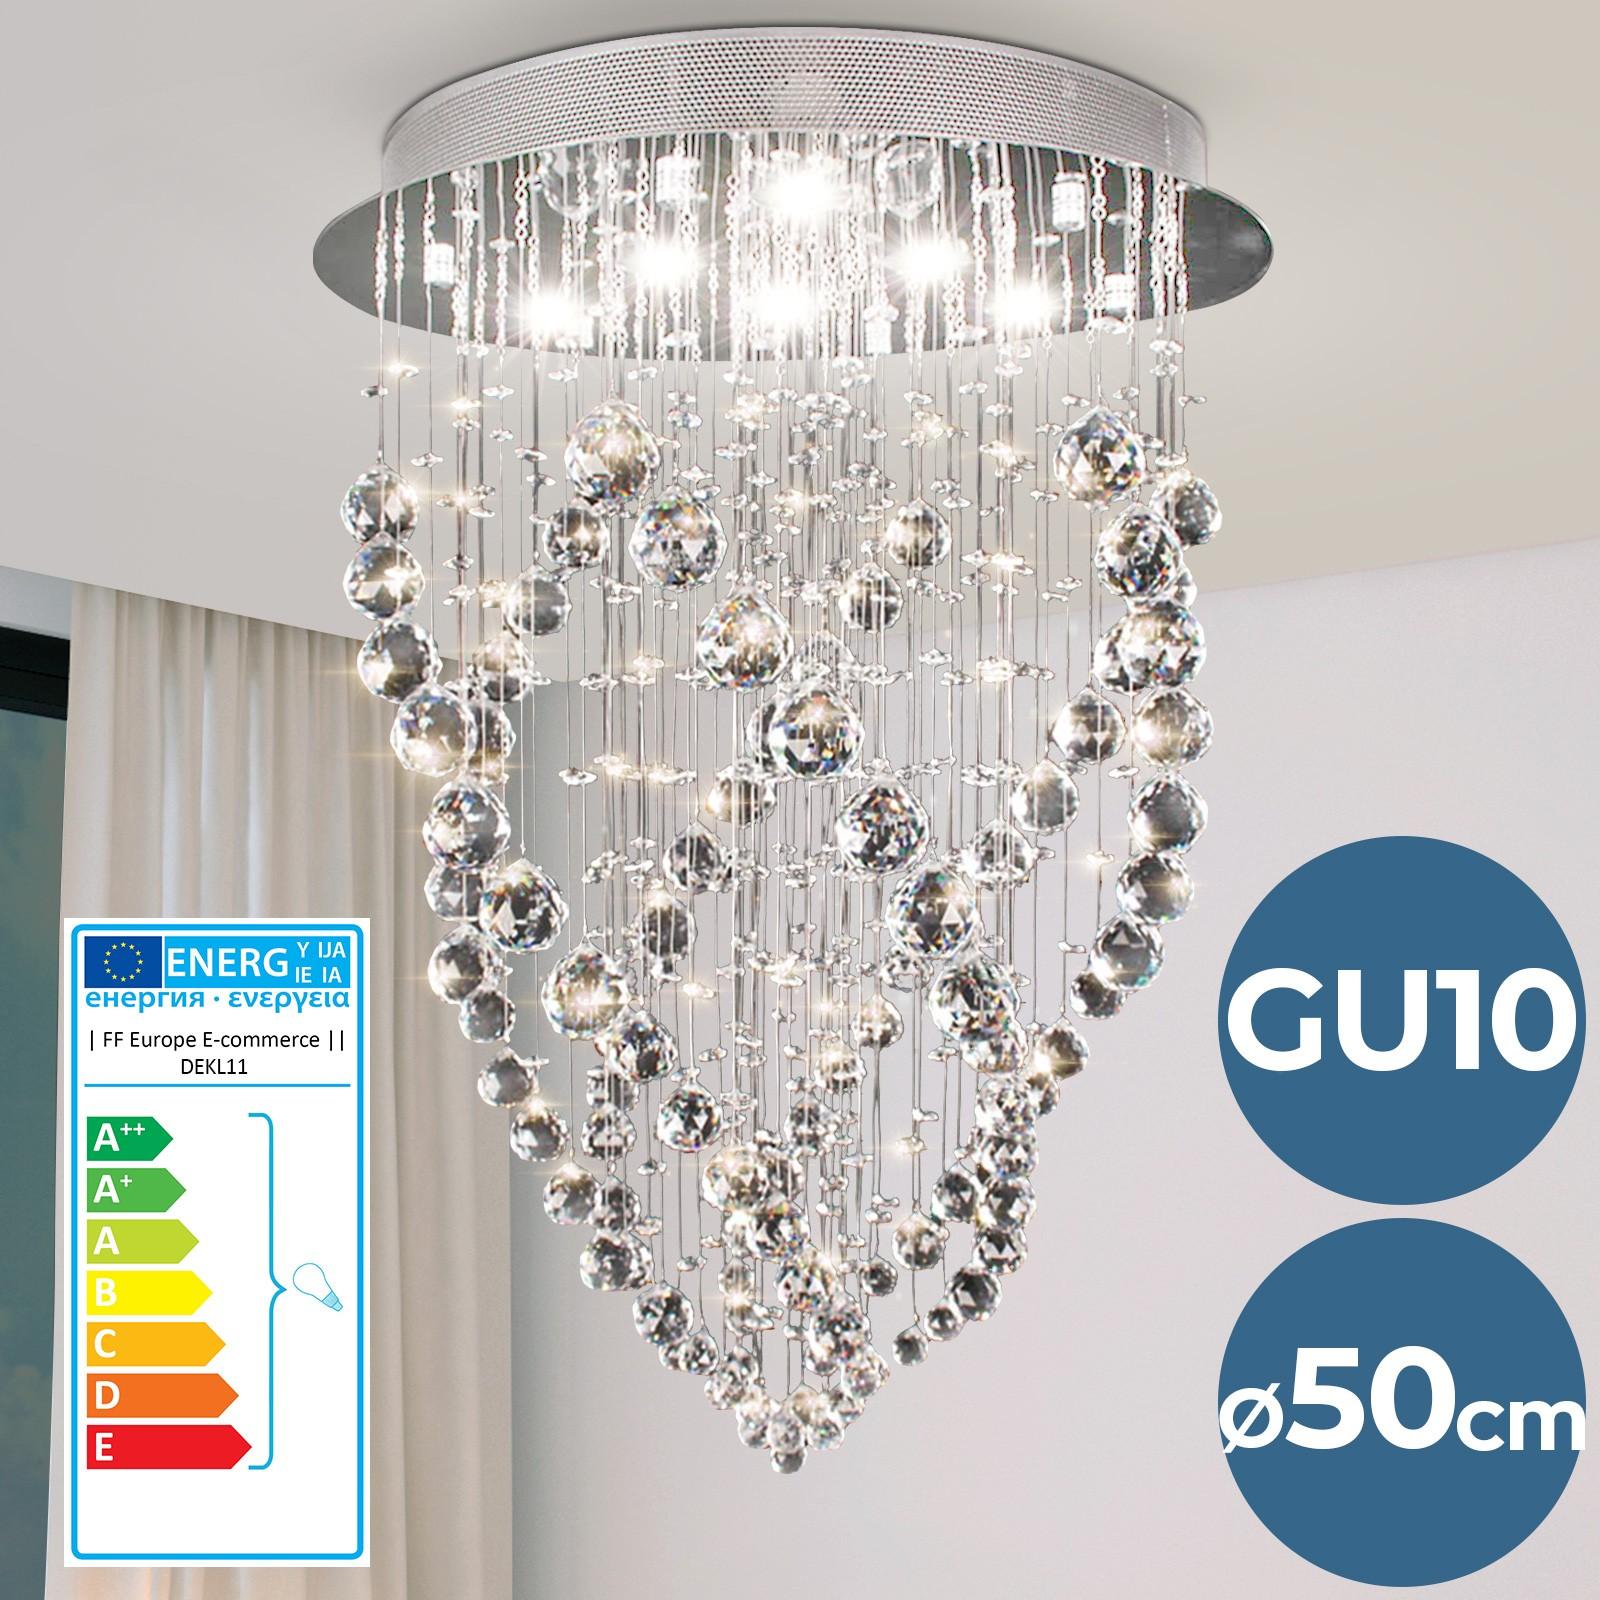 Lampadari In Camera Da Letto dettagli su lampadario di cristallo lampada da soffitto a sospensione  plafoniera soggiorno